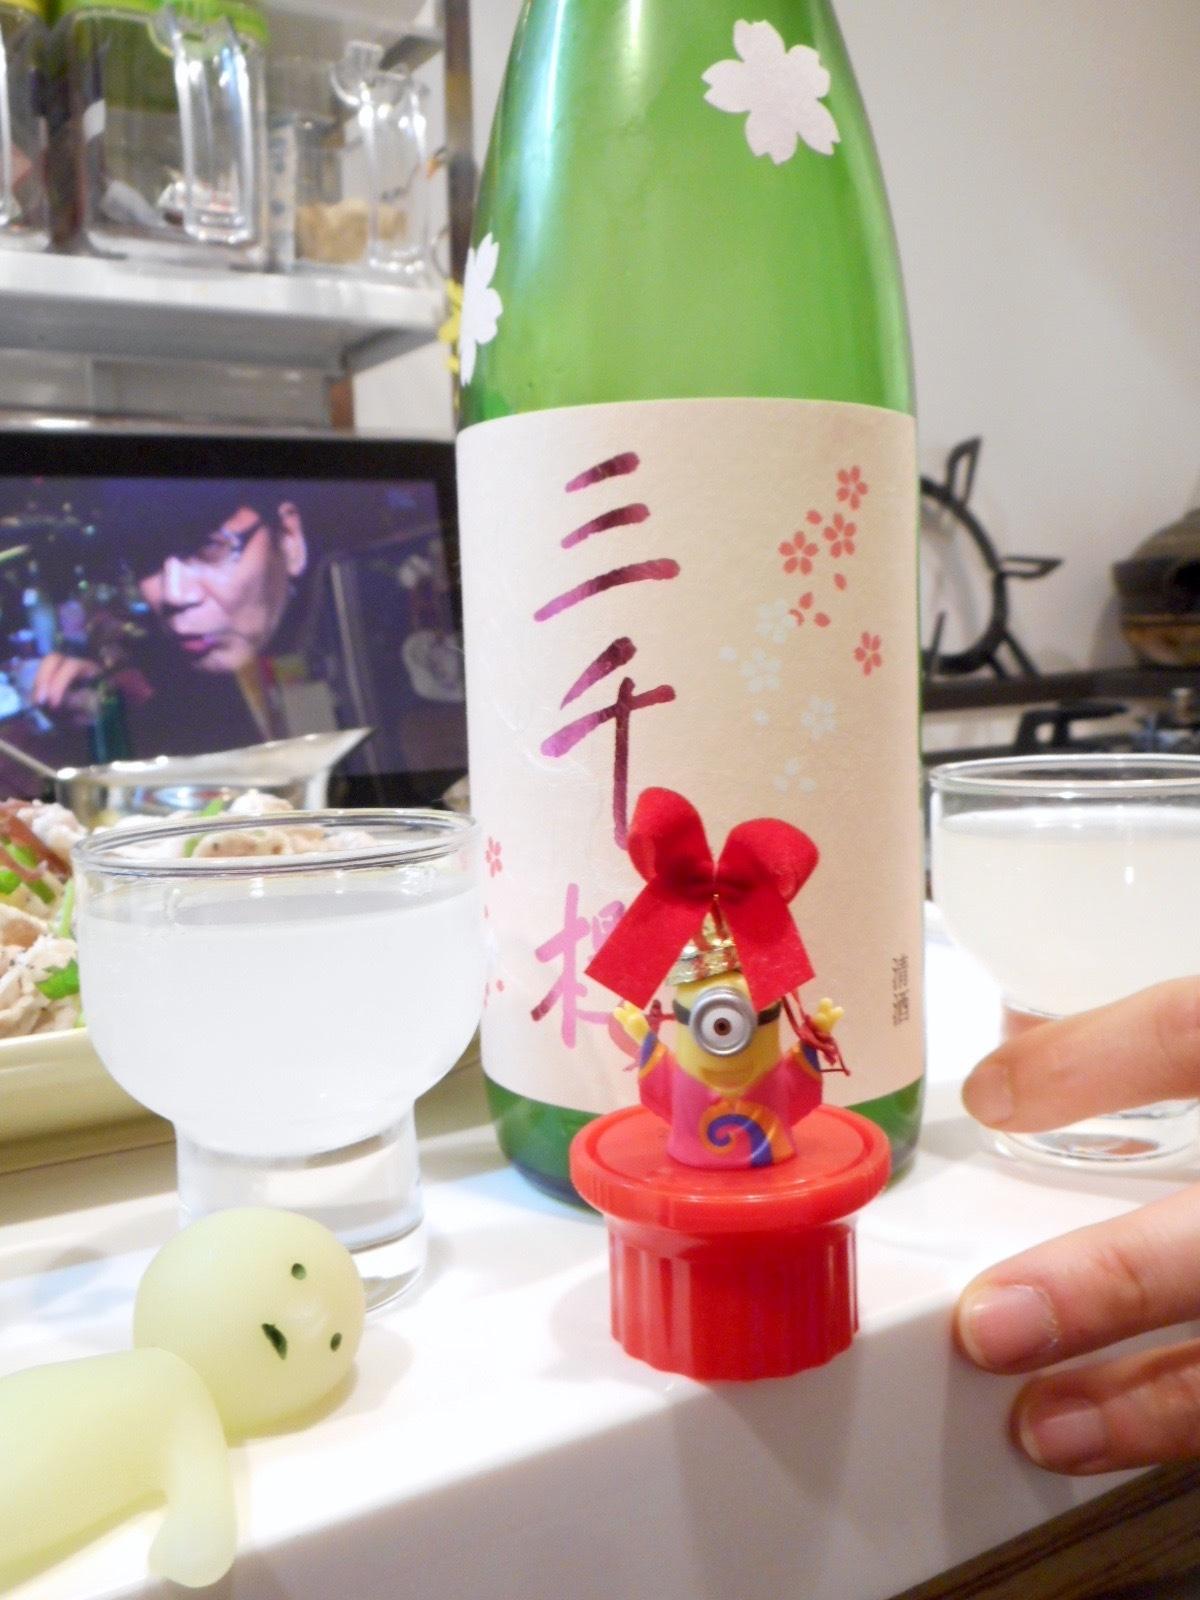 michizakura_sakuranigori28by4.jpg